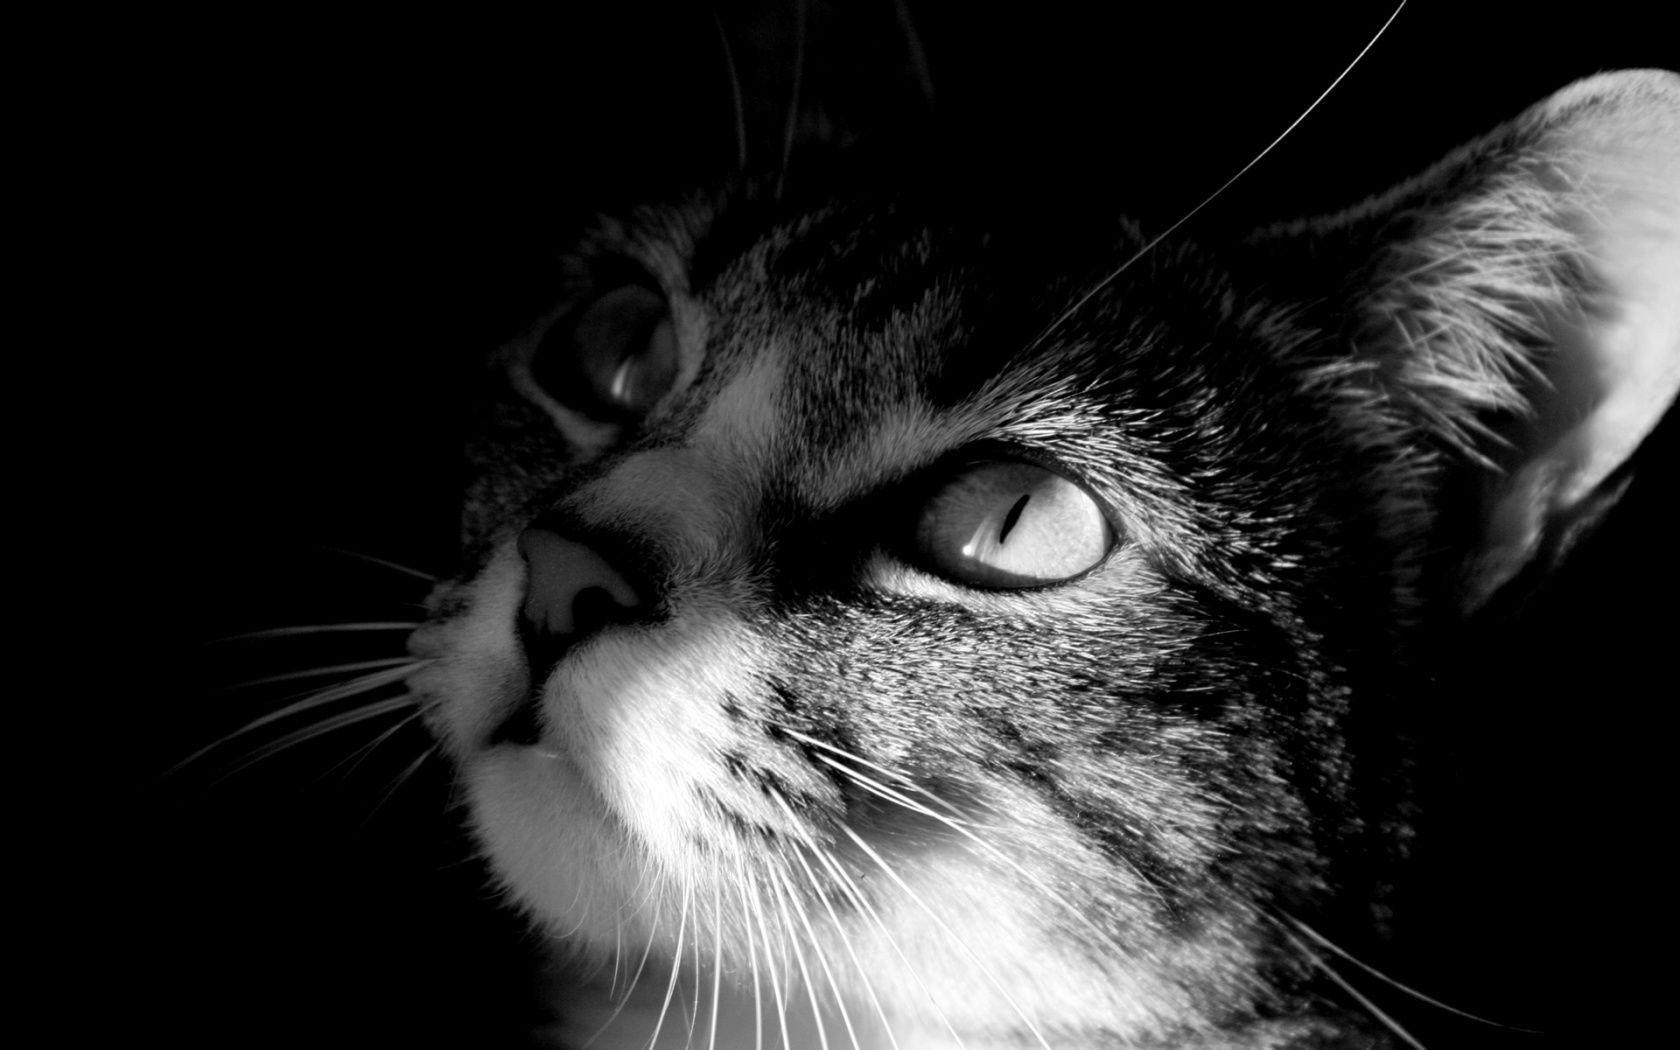 Aforismi sui gatti - La mia Ombra